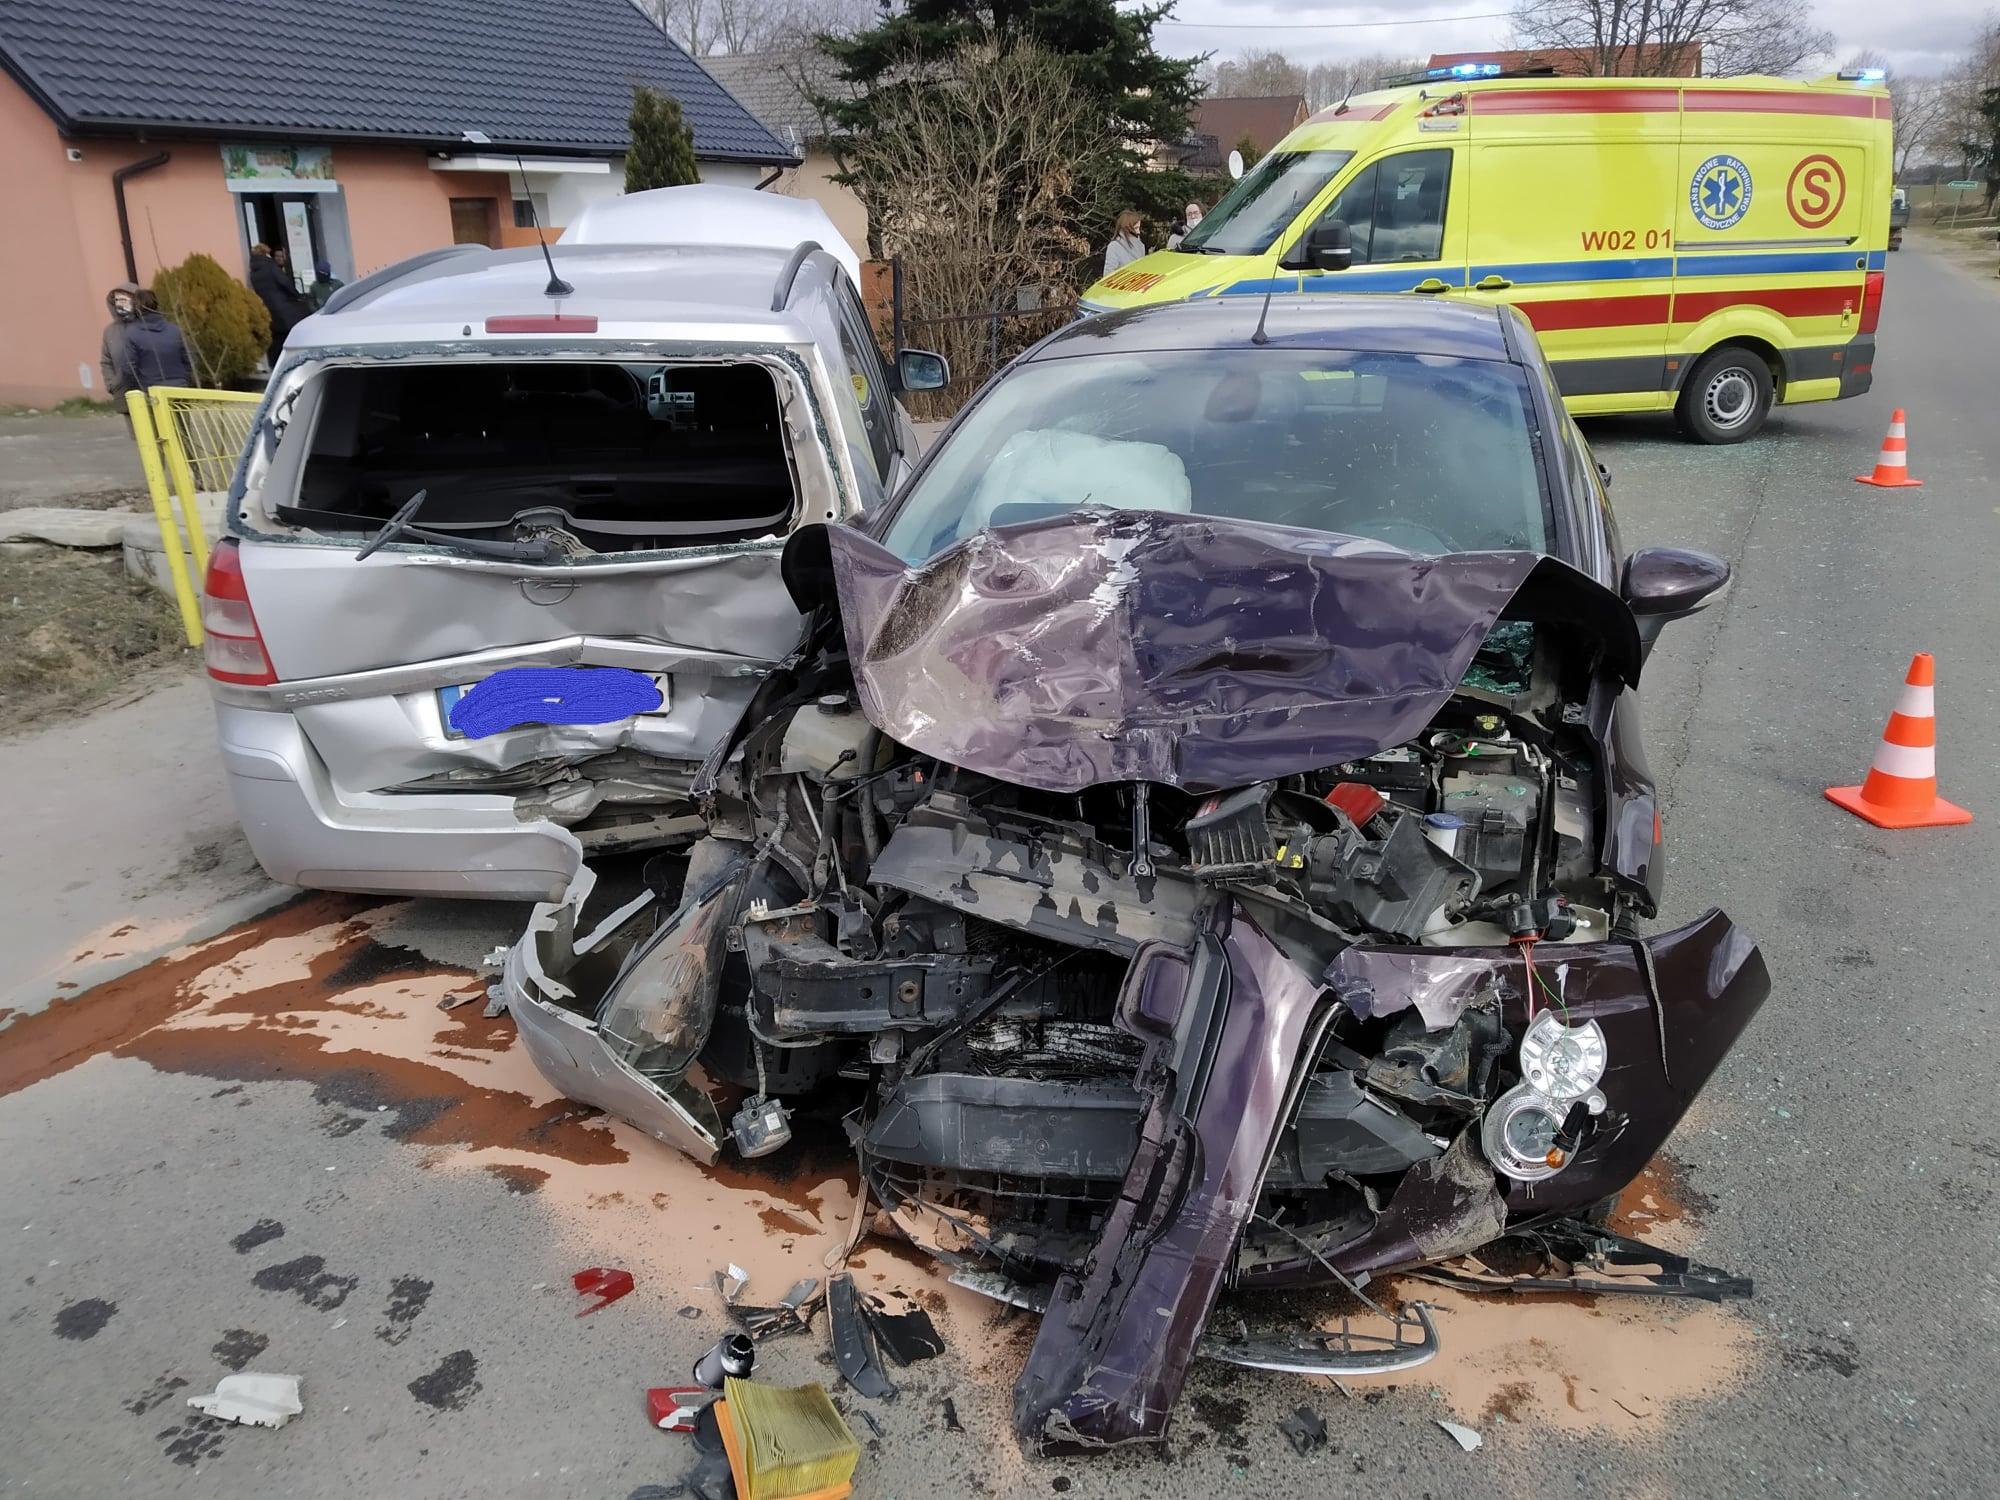 Wypadek w powiecie płockim. Jedna osoba trafiła do szpitala [ZDJĘCIA] - Zdjęcie główne